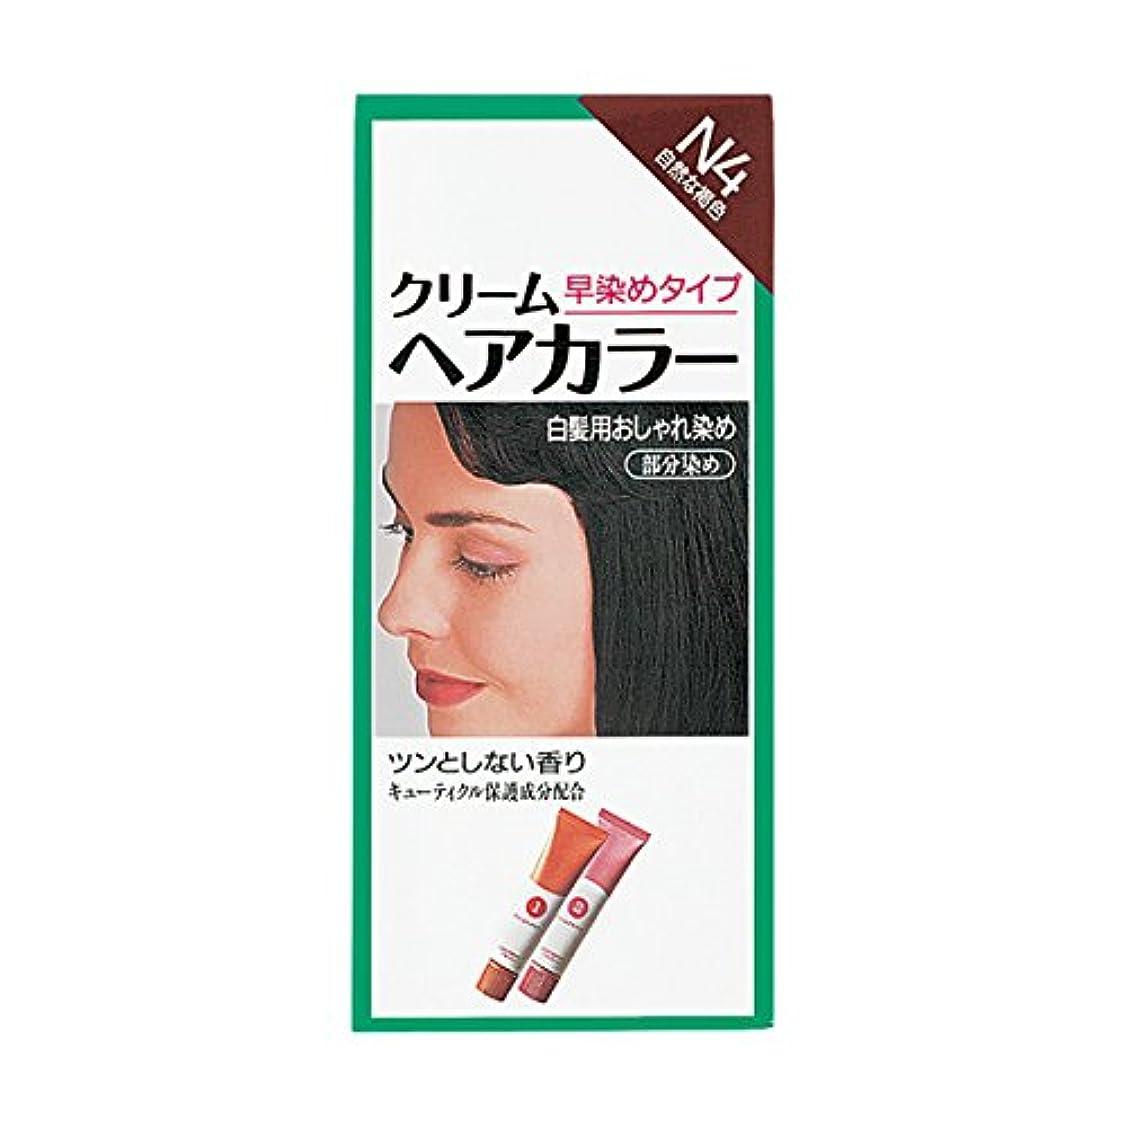 抜け目がない不良品爪ヘアカラー クリームヘアカラーN N4 【医薬部外品】